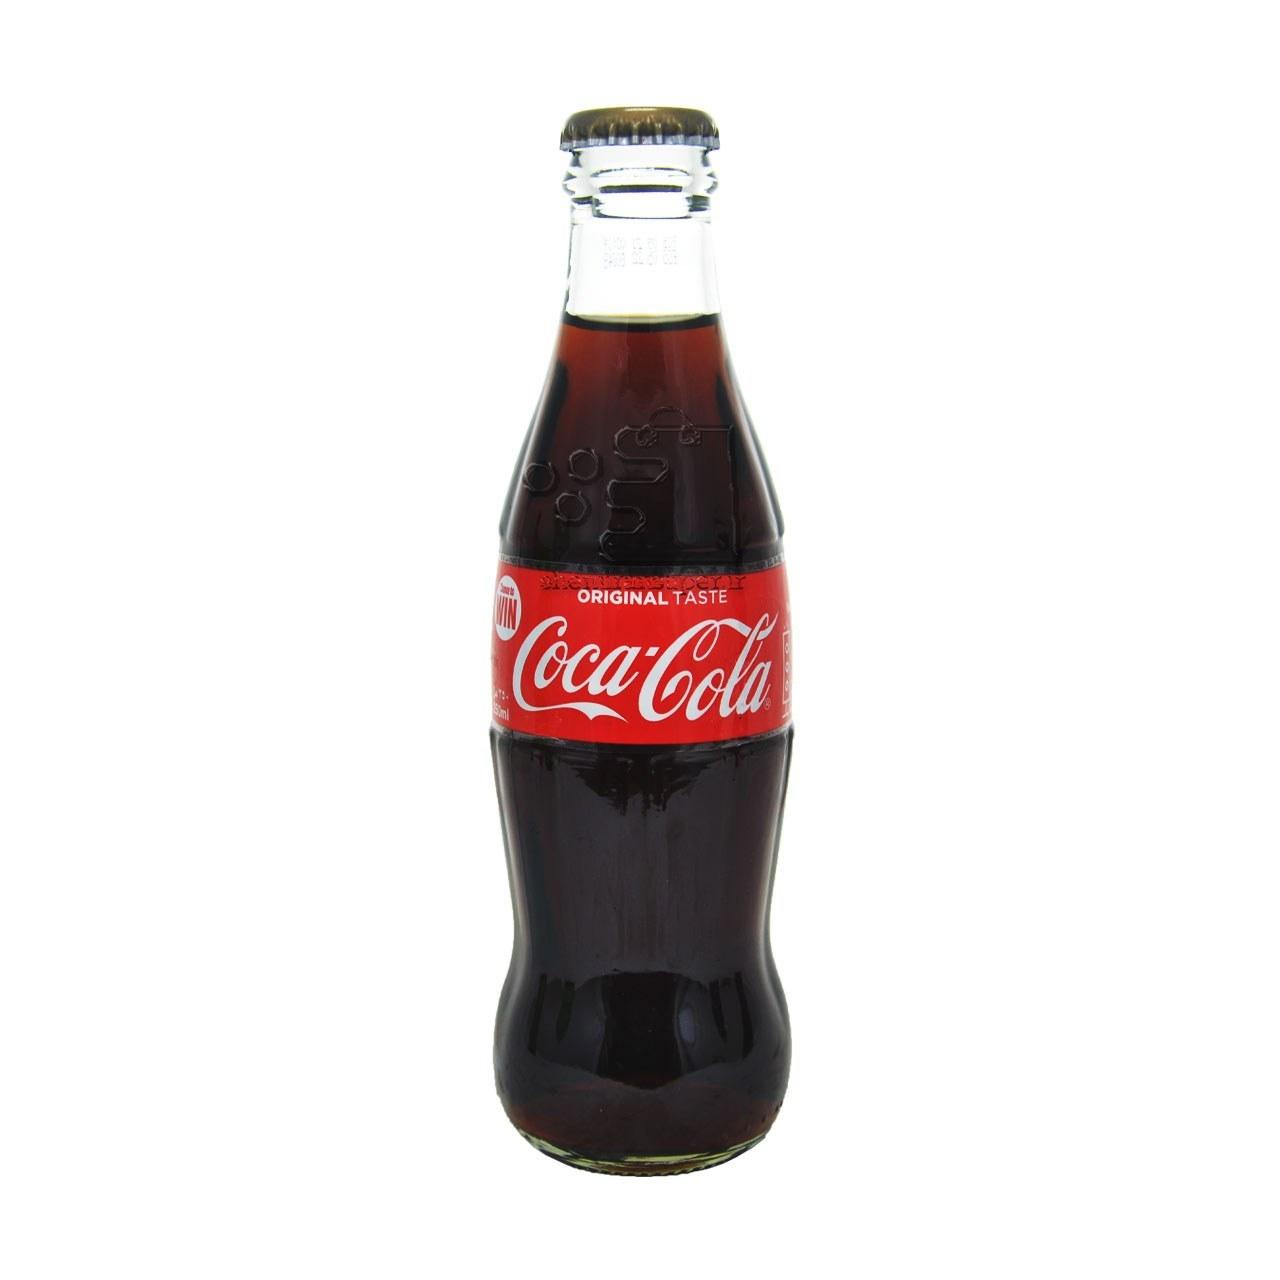 تصویر نوشابه شیشه ای ۲۵۰ میل کوکاکولا – Coca Cola